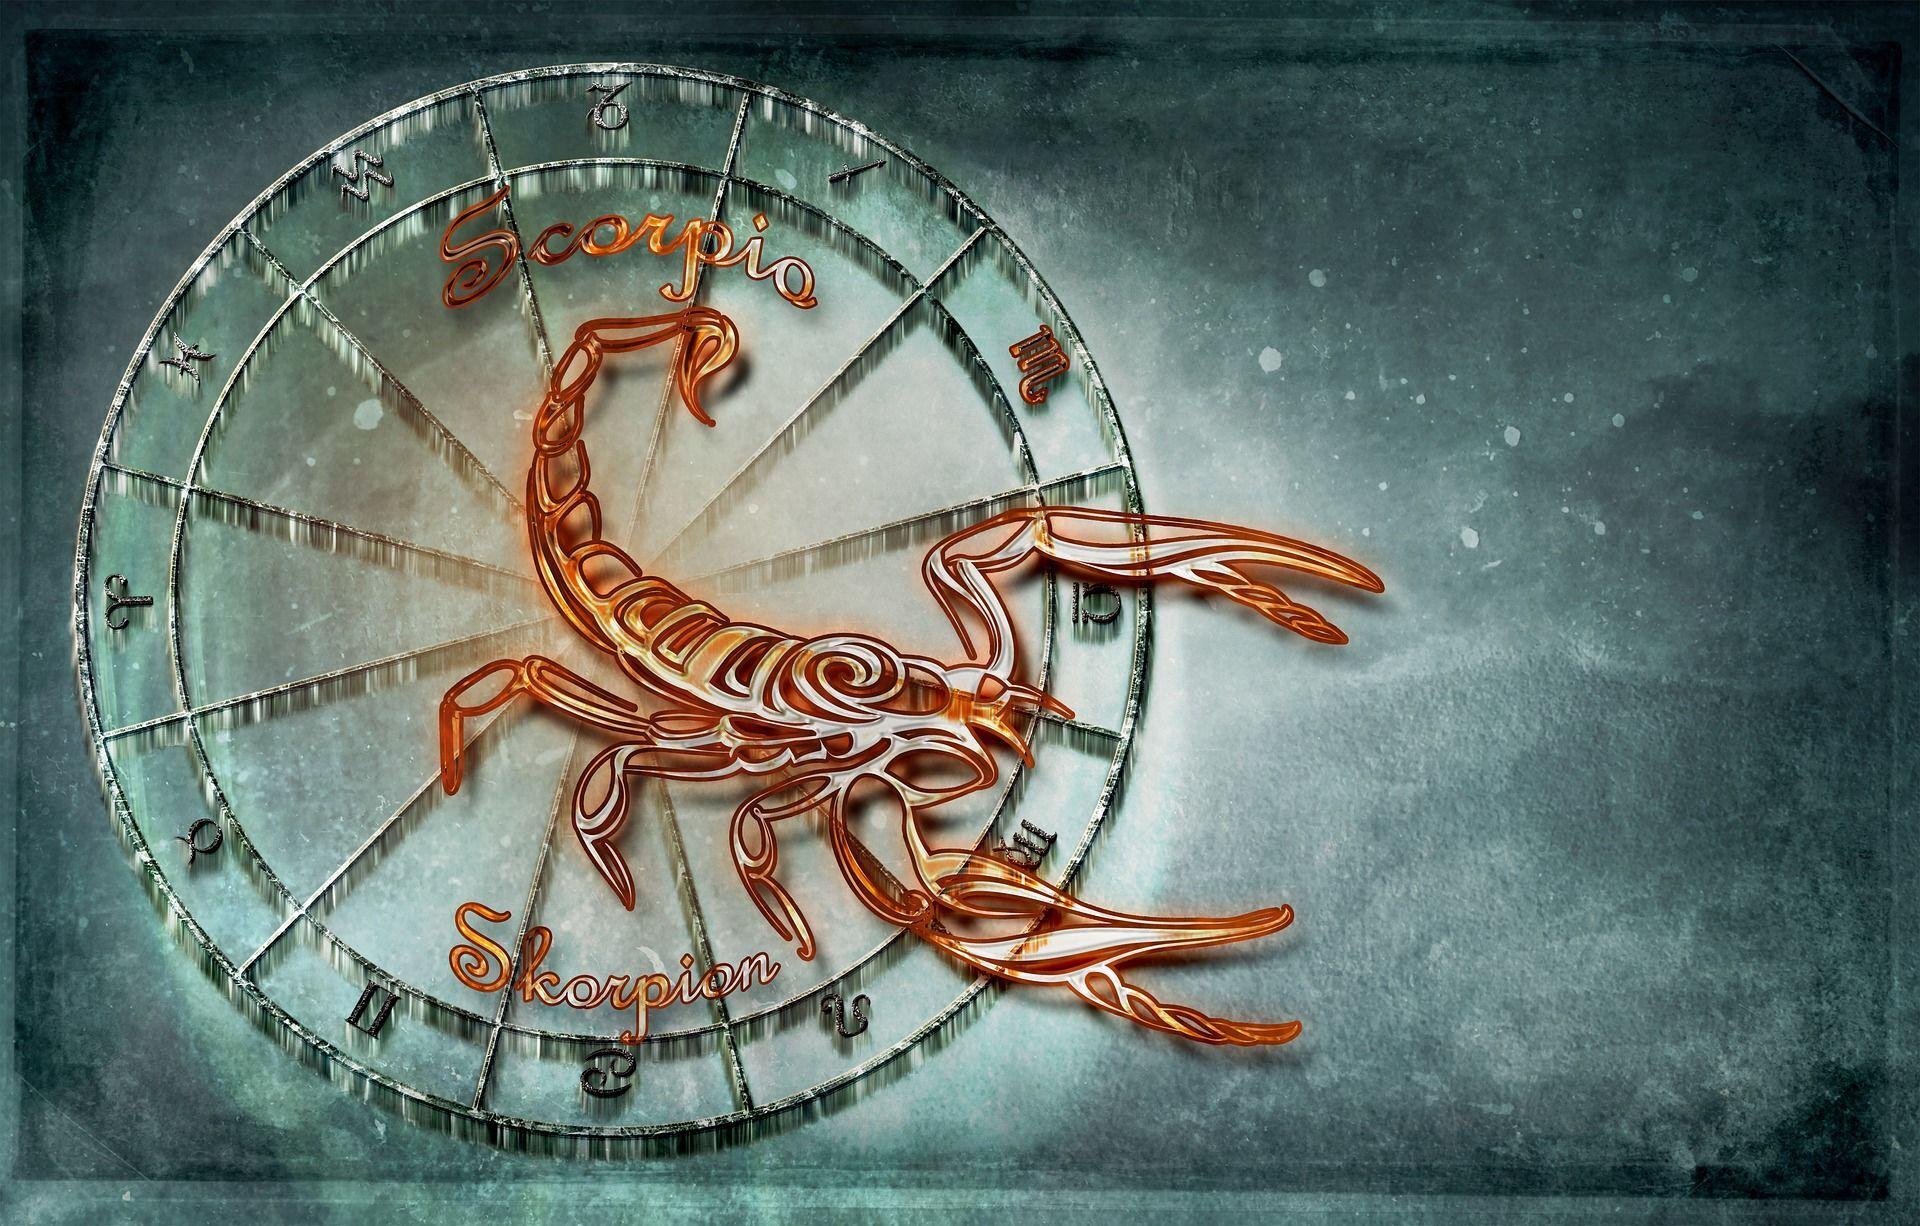 Знак зодиака скорпион - Sputnik Таджикистан, 1920, 24.06.2021